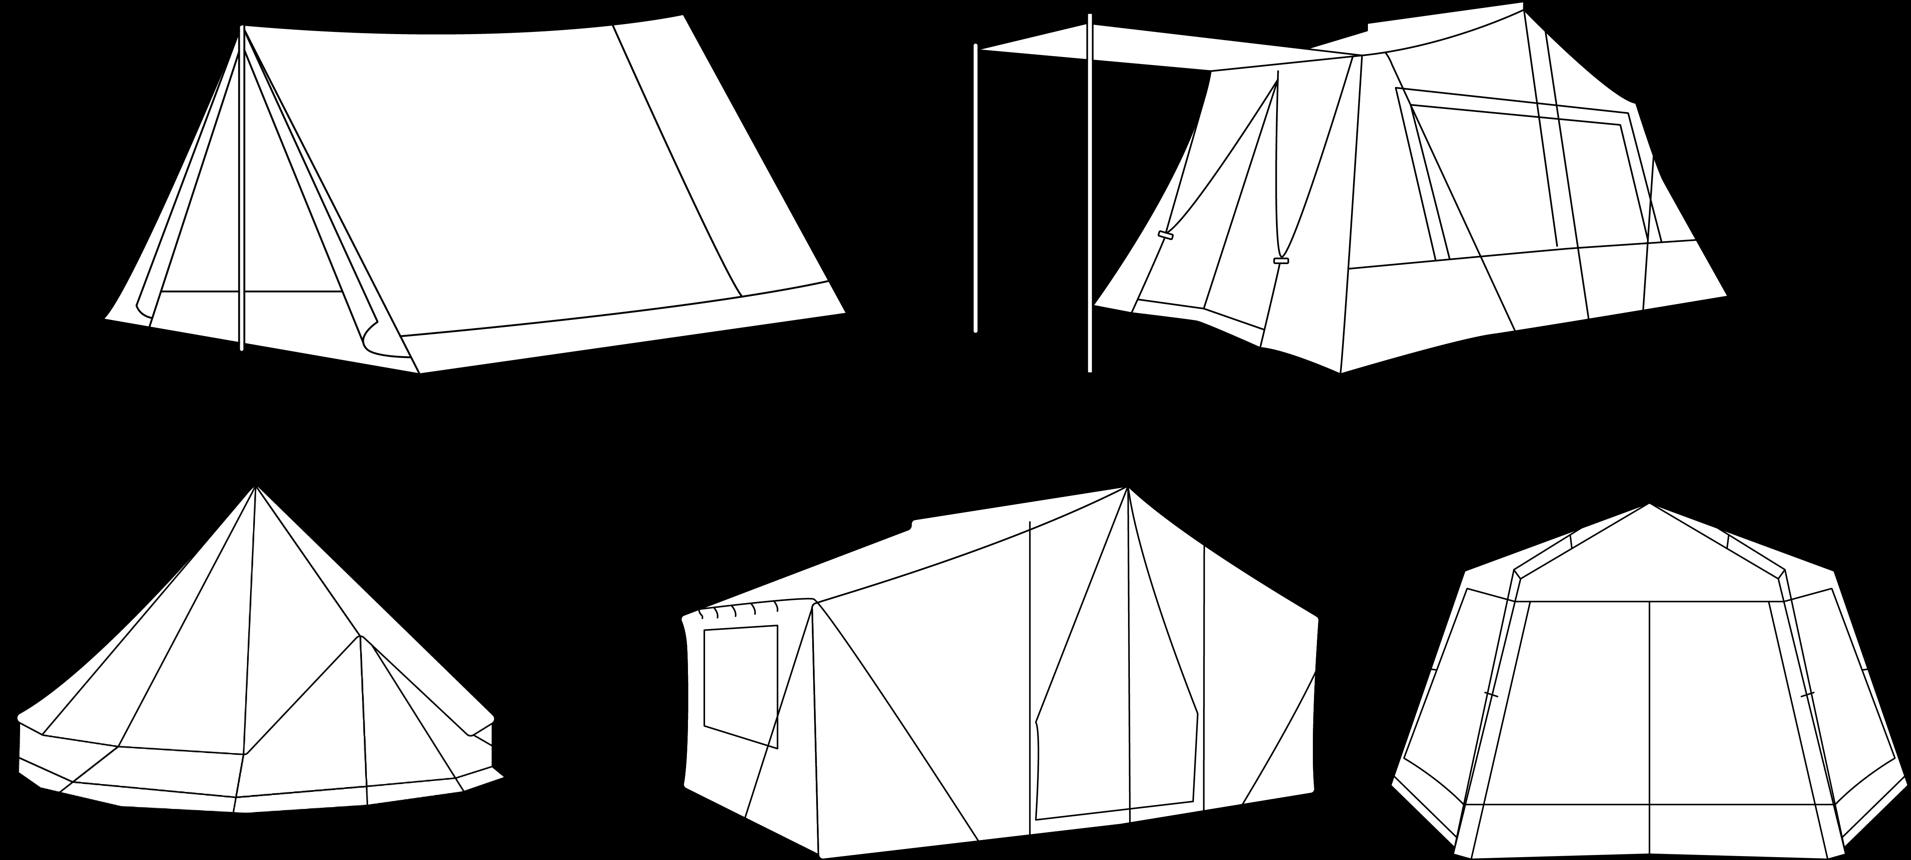 5 tent designs